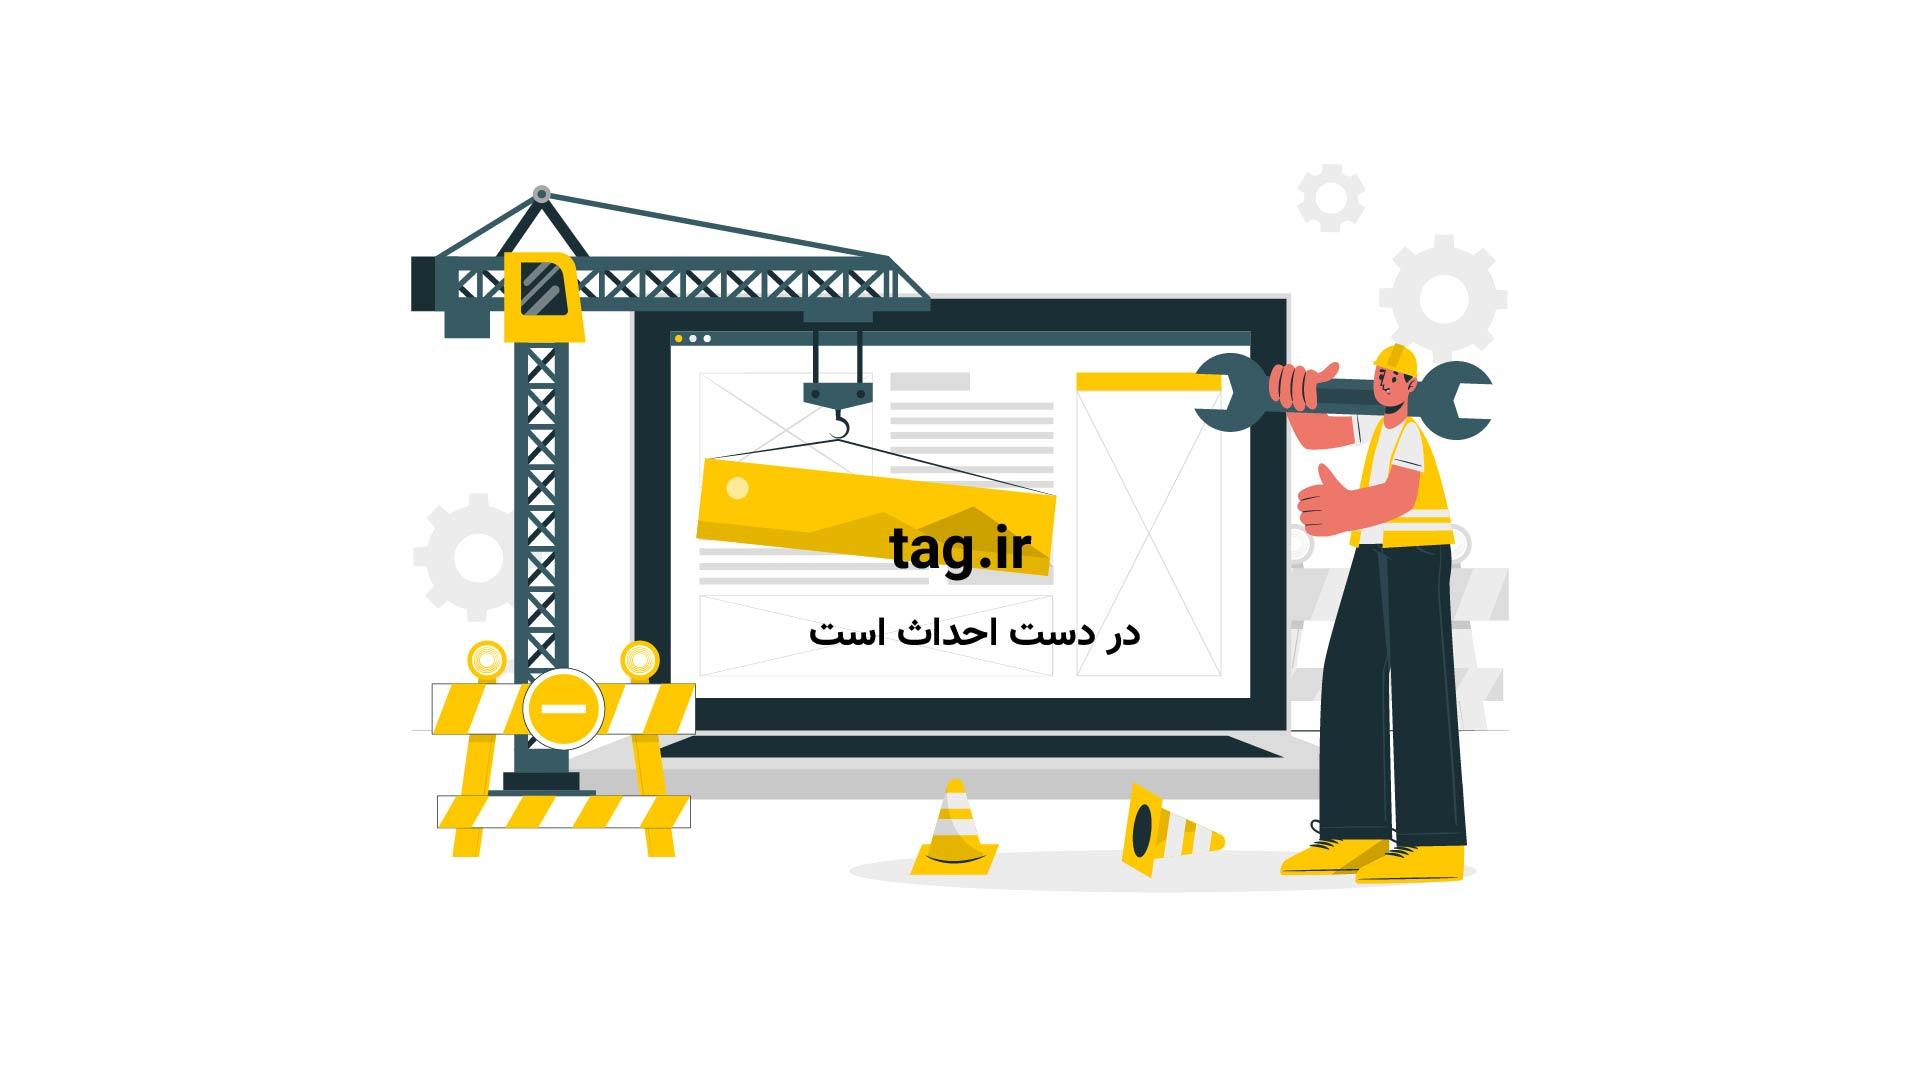 مهران-مدیری-نقد-فیلم | تگ